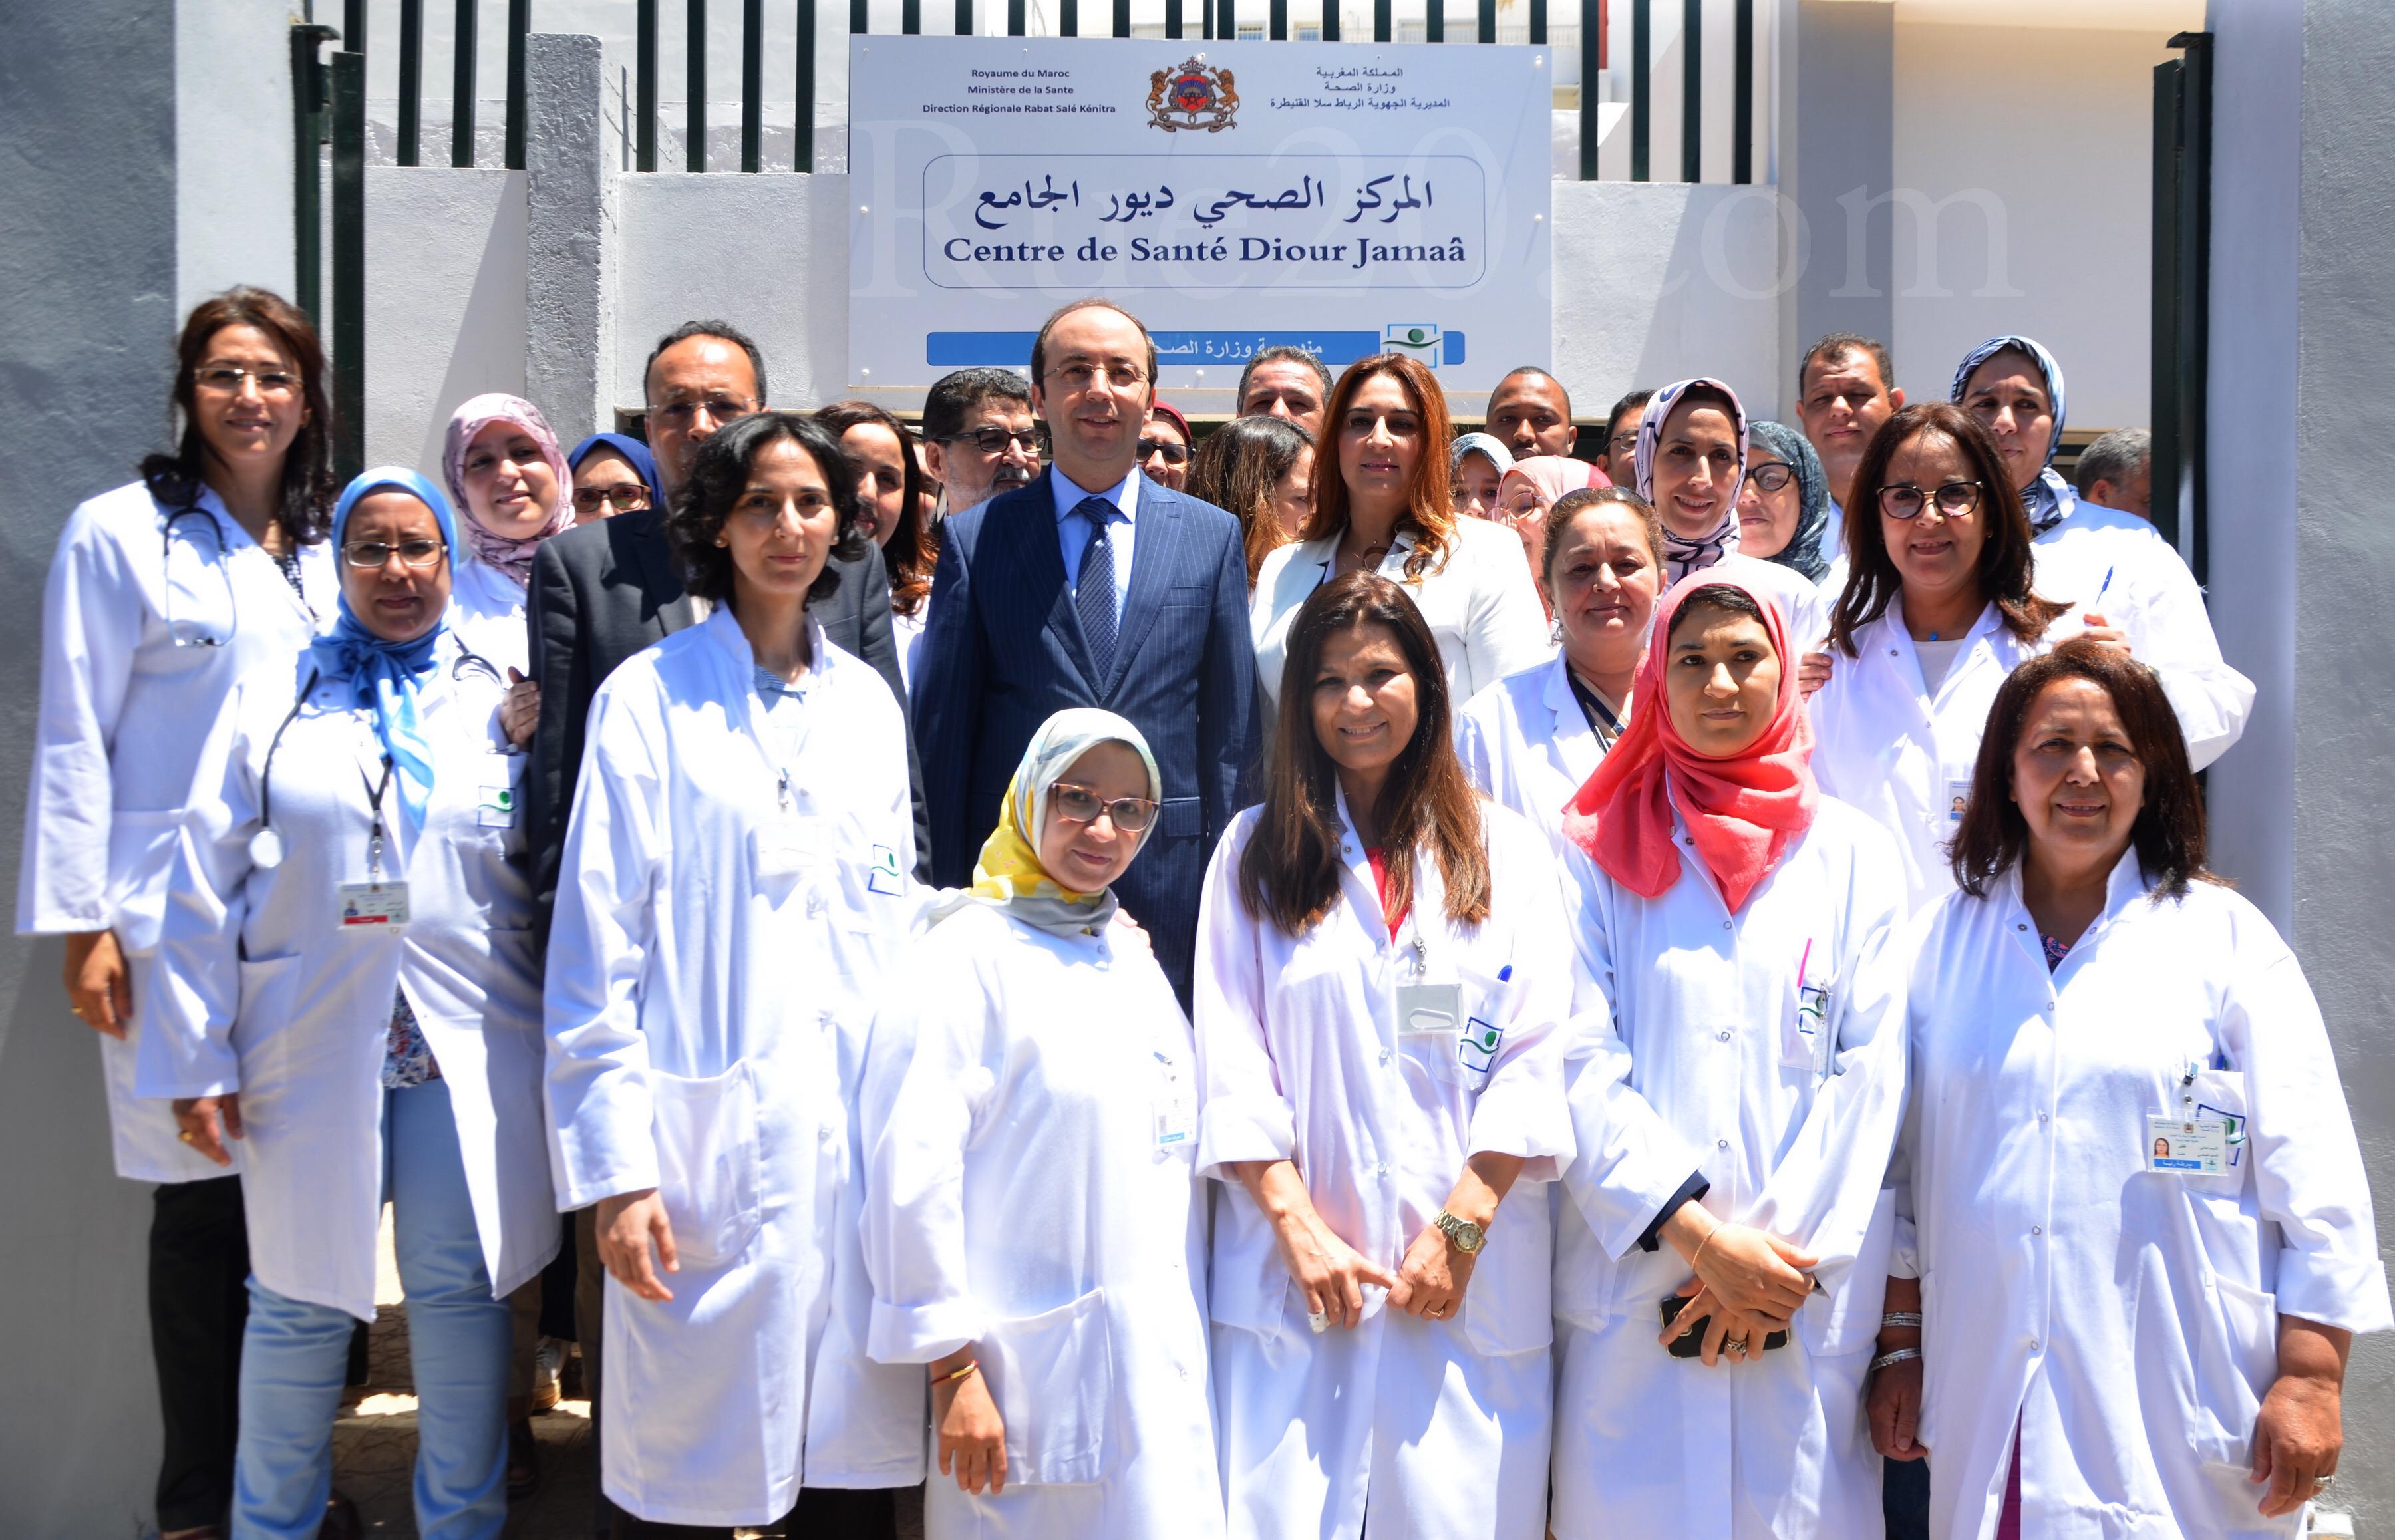 وزير الصحة يشرف على افتتاح مركز صحي بديور الجامع بعد اعادة ترميمه